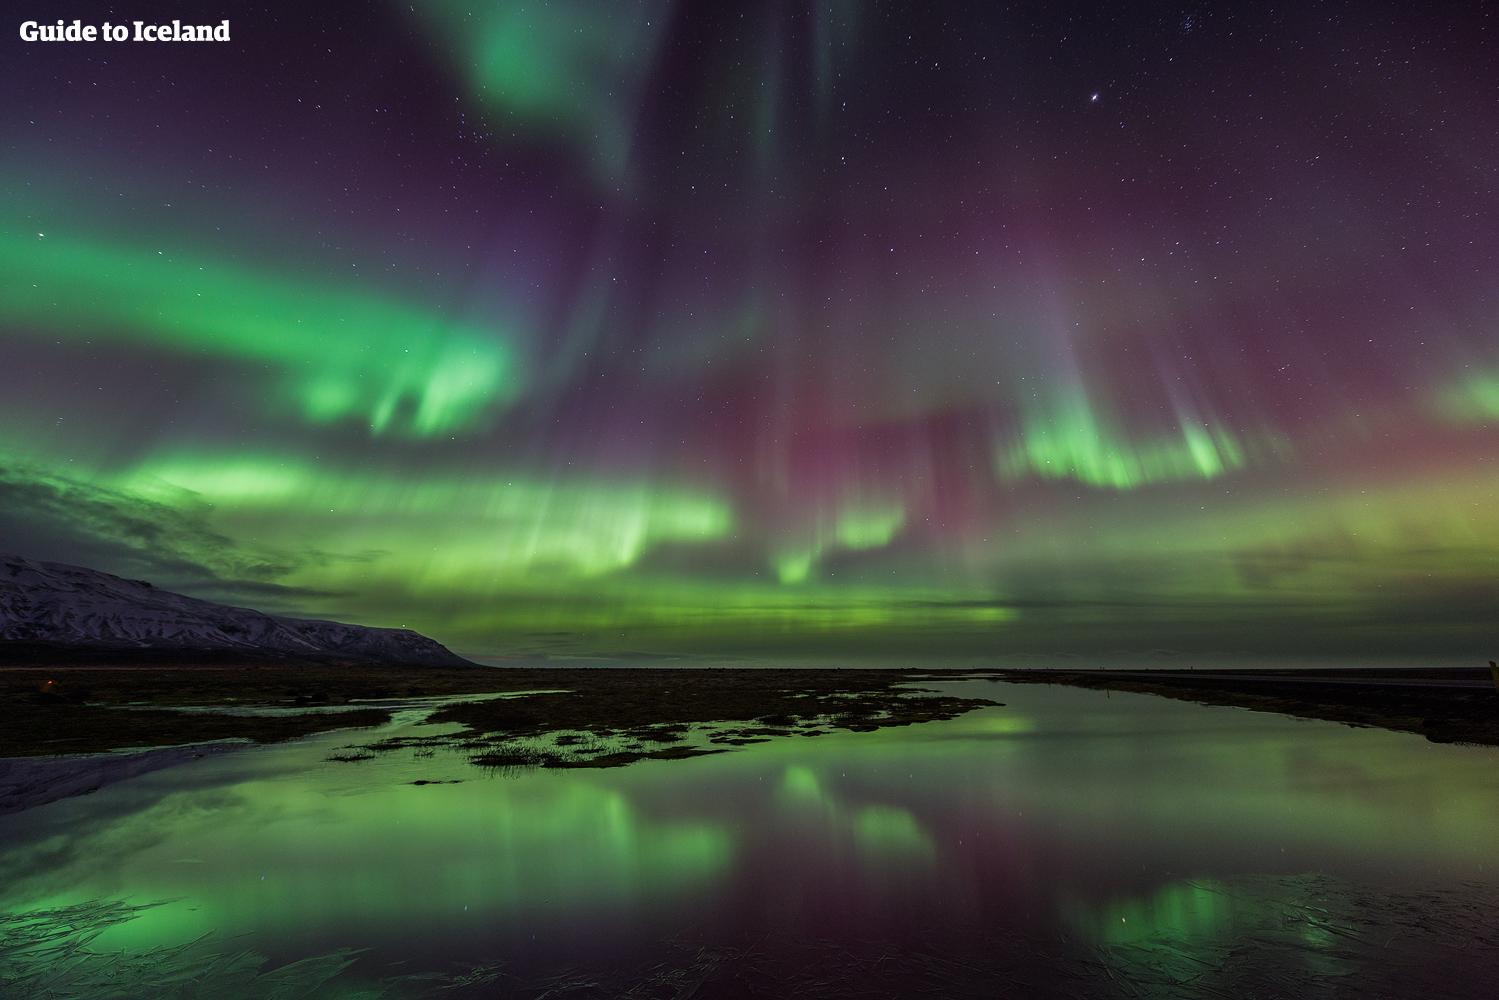 極光季在冰島上空飛舞的北極光